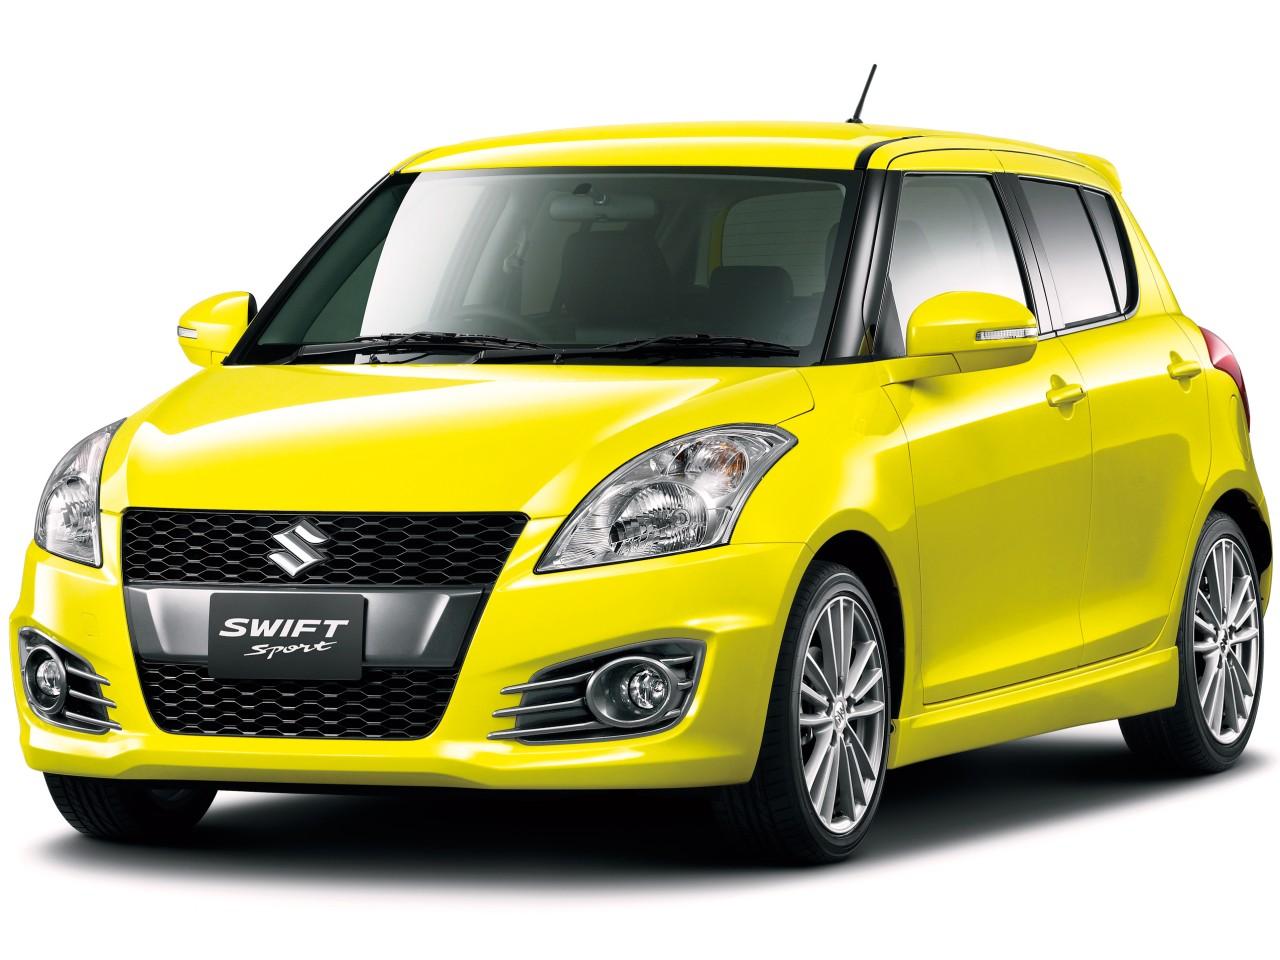 スズキ スイフトスポーツ 2011年モデル 新車画像